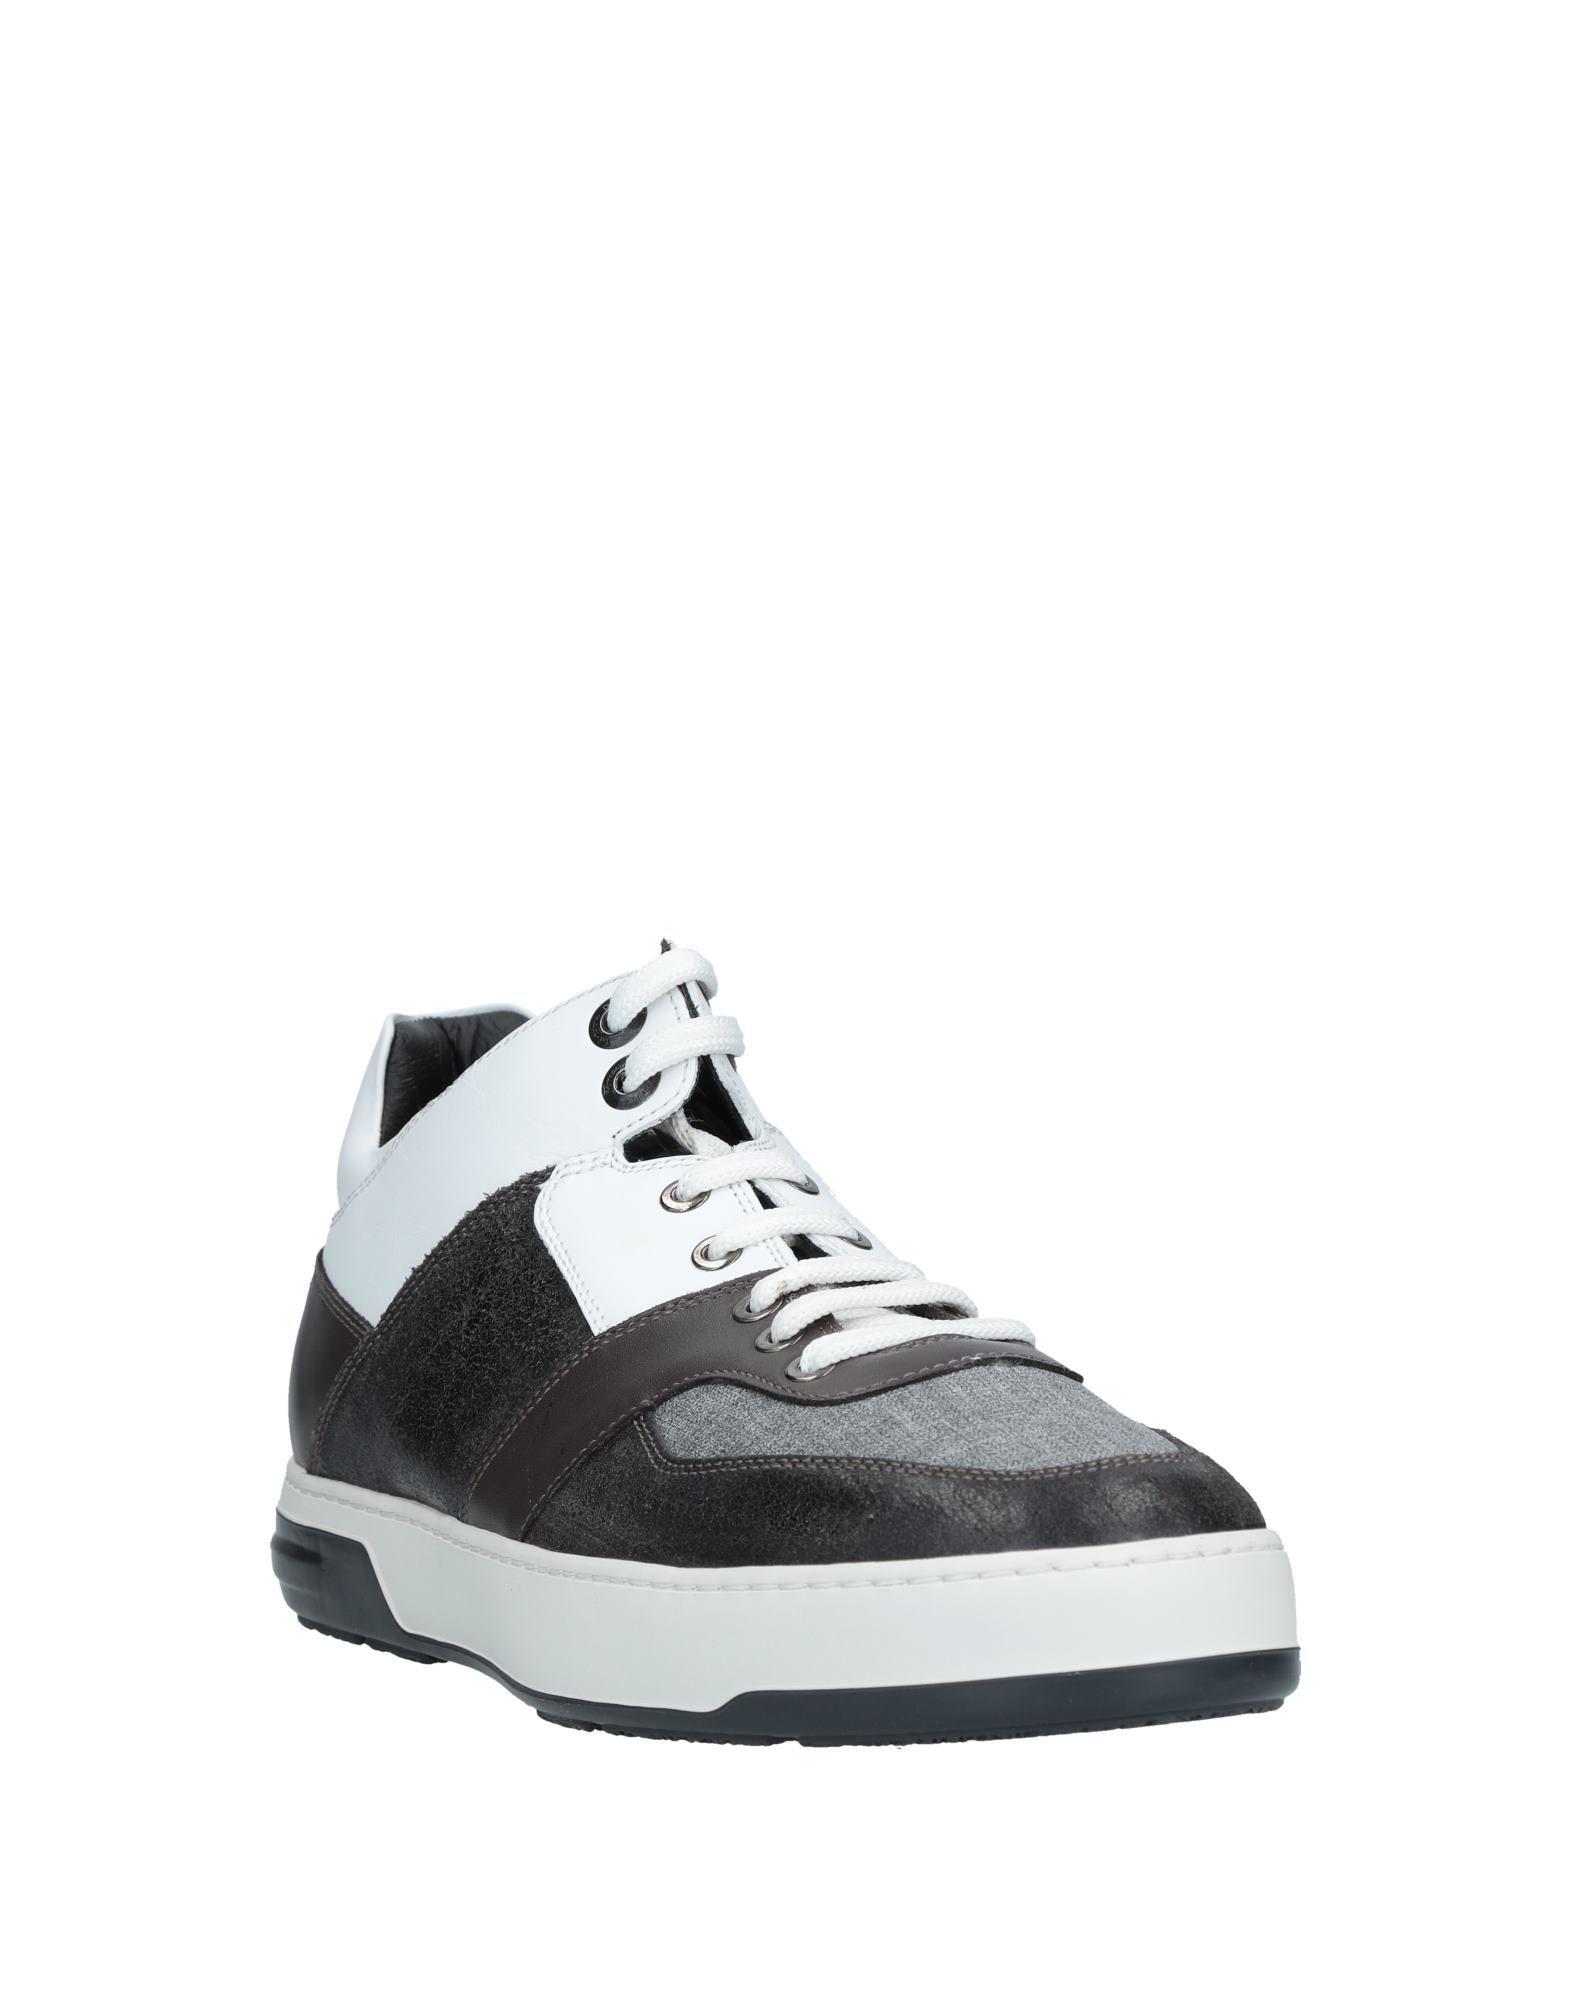 Sneakers Salvatore Uomo Ferragamo Uomo Salvatore - 11528598KM f12113